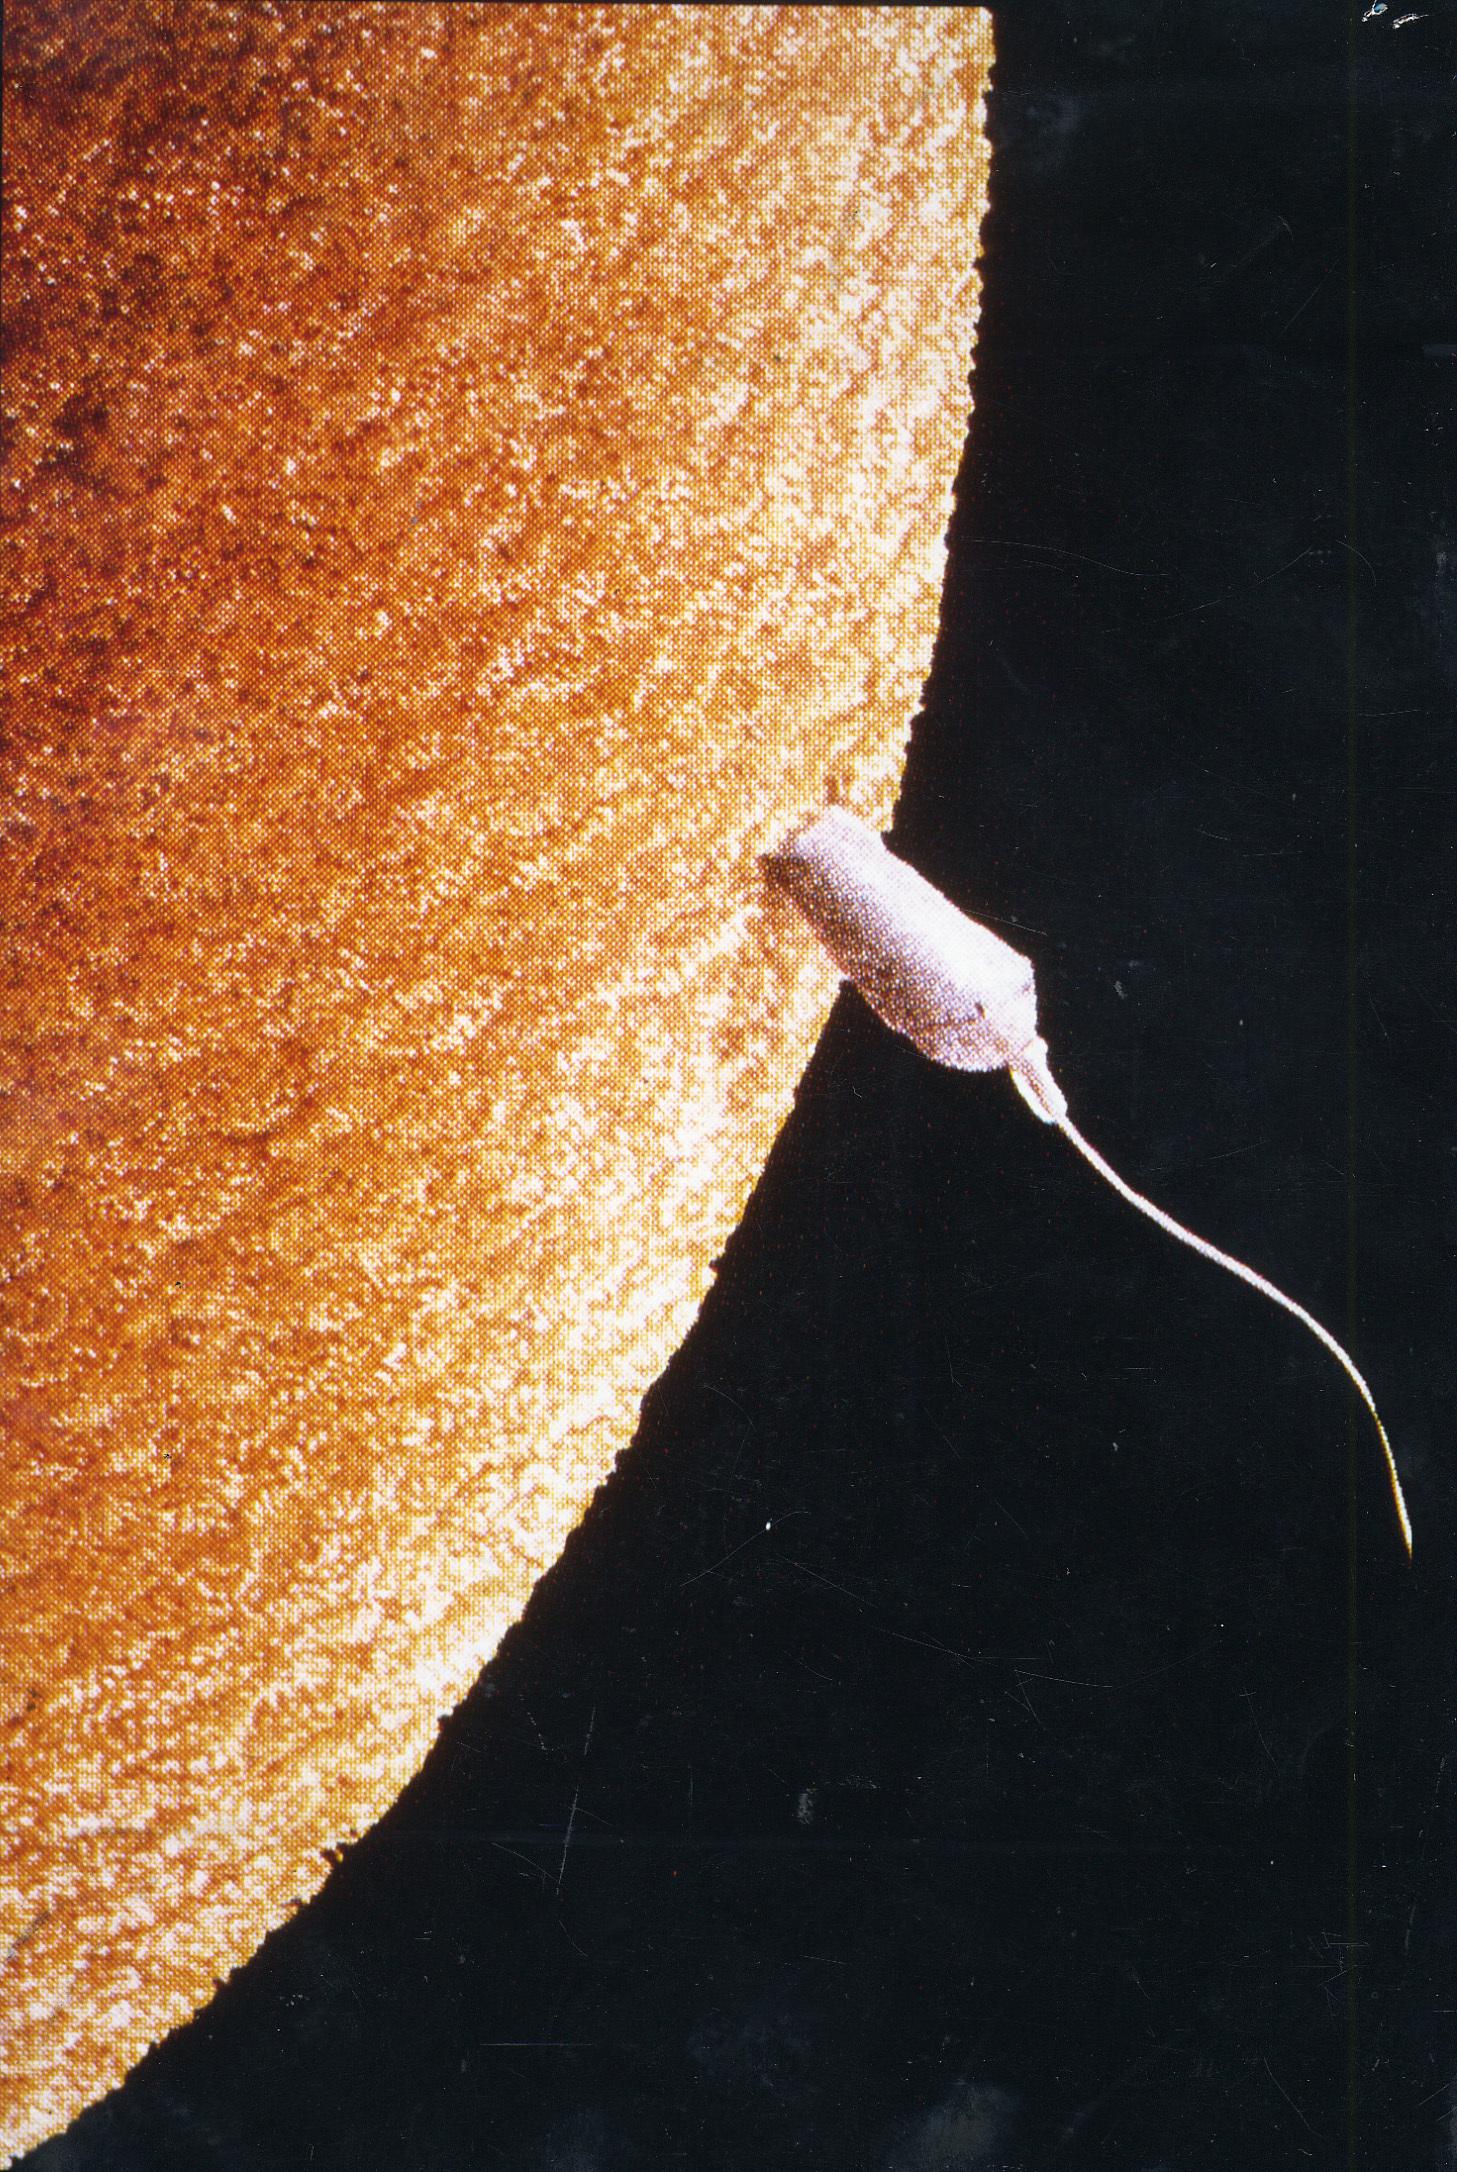 일생의 건강이 유전적으로 결정되는 정자와 난자의 수정순간을 주사 전자현미경으로 포착한 모습이다.[중앙포토]